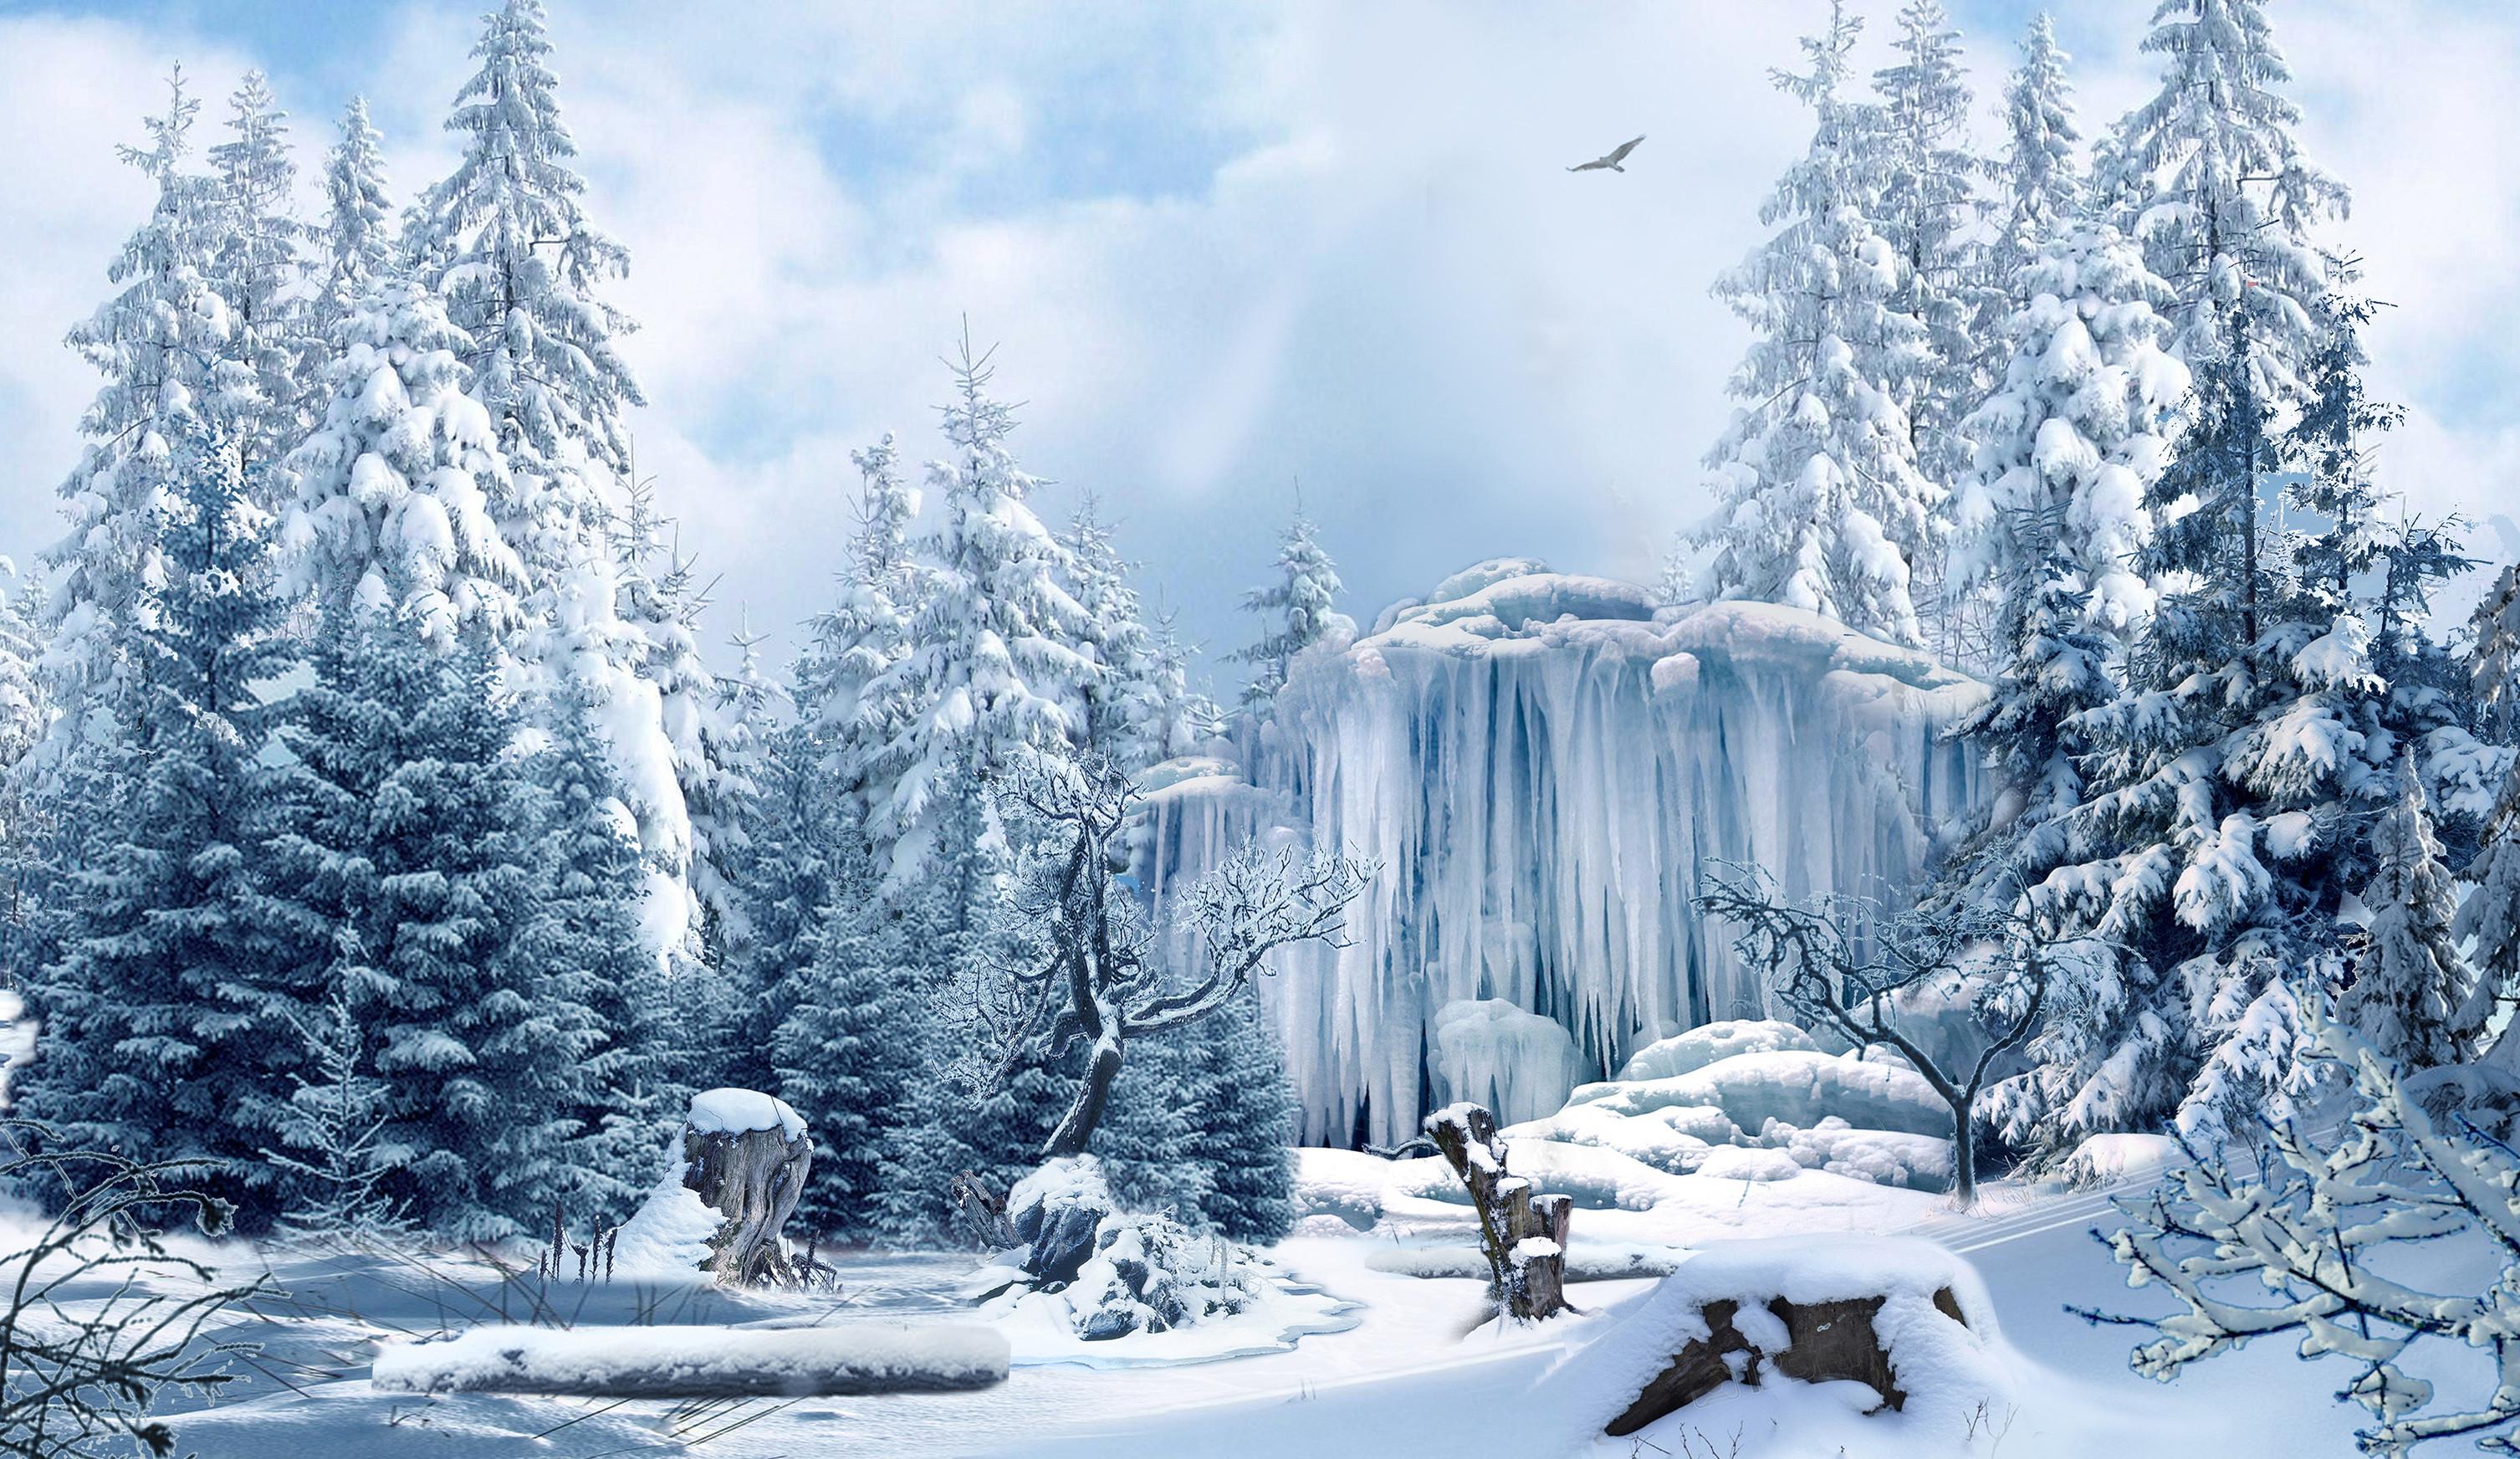 Glinda's Winter Garden - ABC's Once Upon a Time Season 3